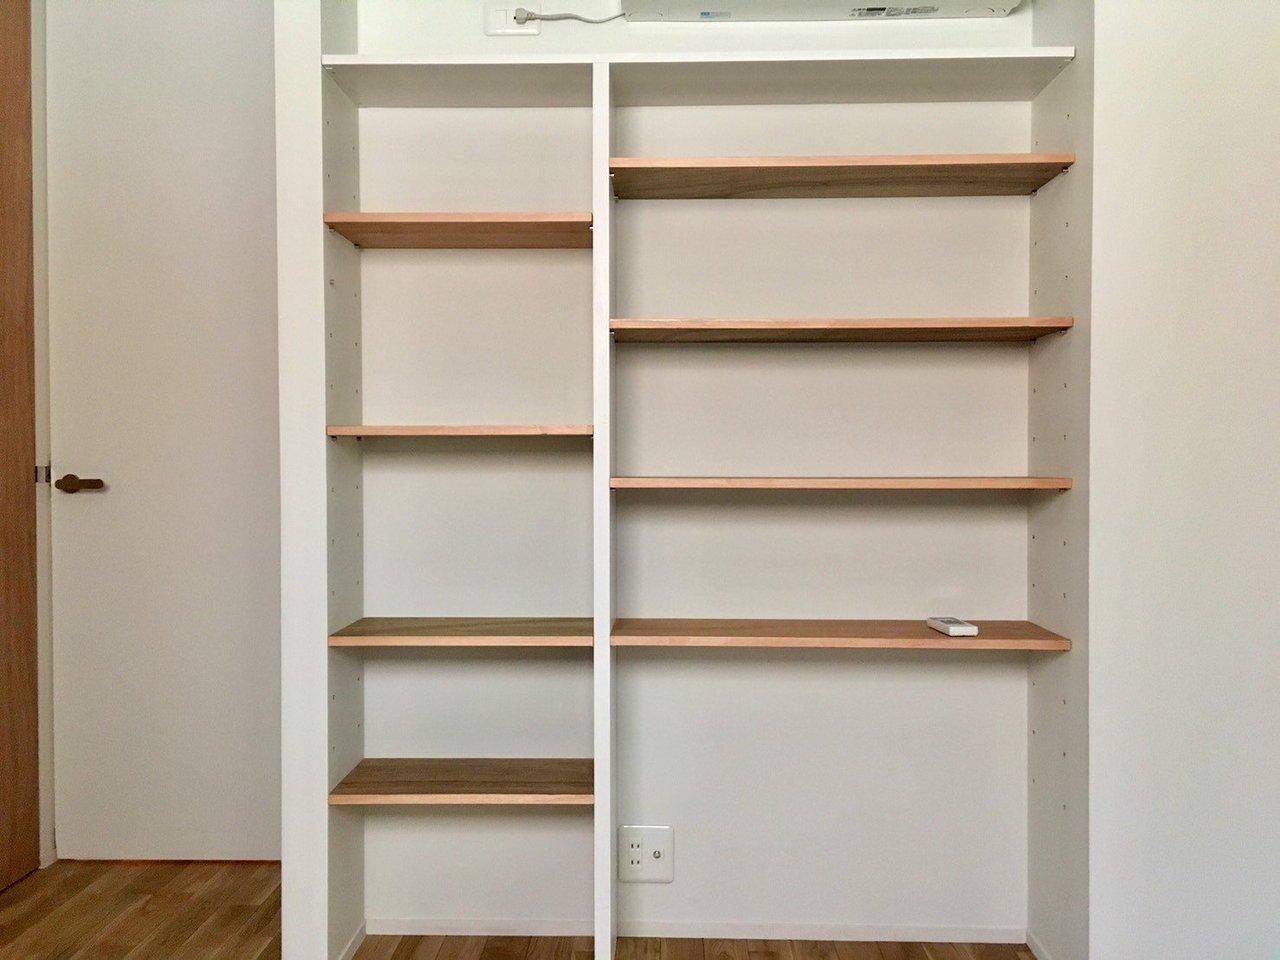 もうひとつ、玄関脇の洋室には、こちらも木を使った棚が用意されています。本棚にしたり、カゴなどを置いて収納スペースにしたりして活用できそうですね。